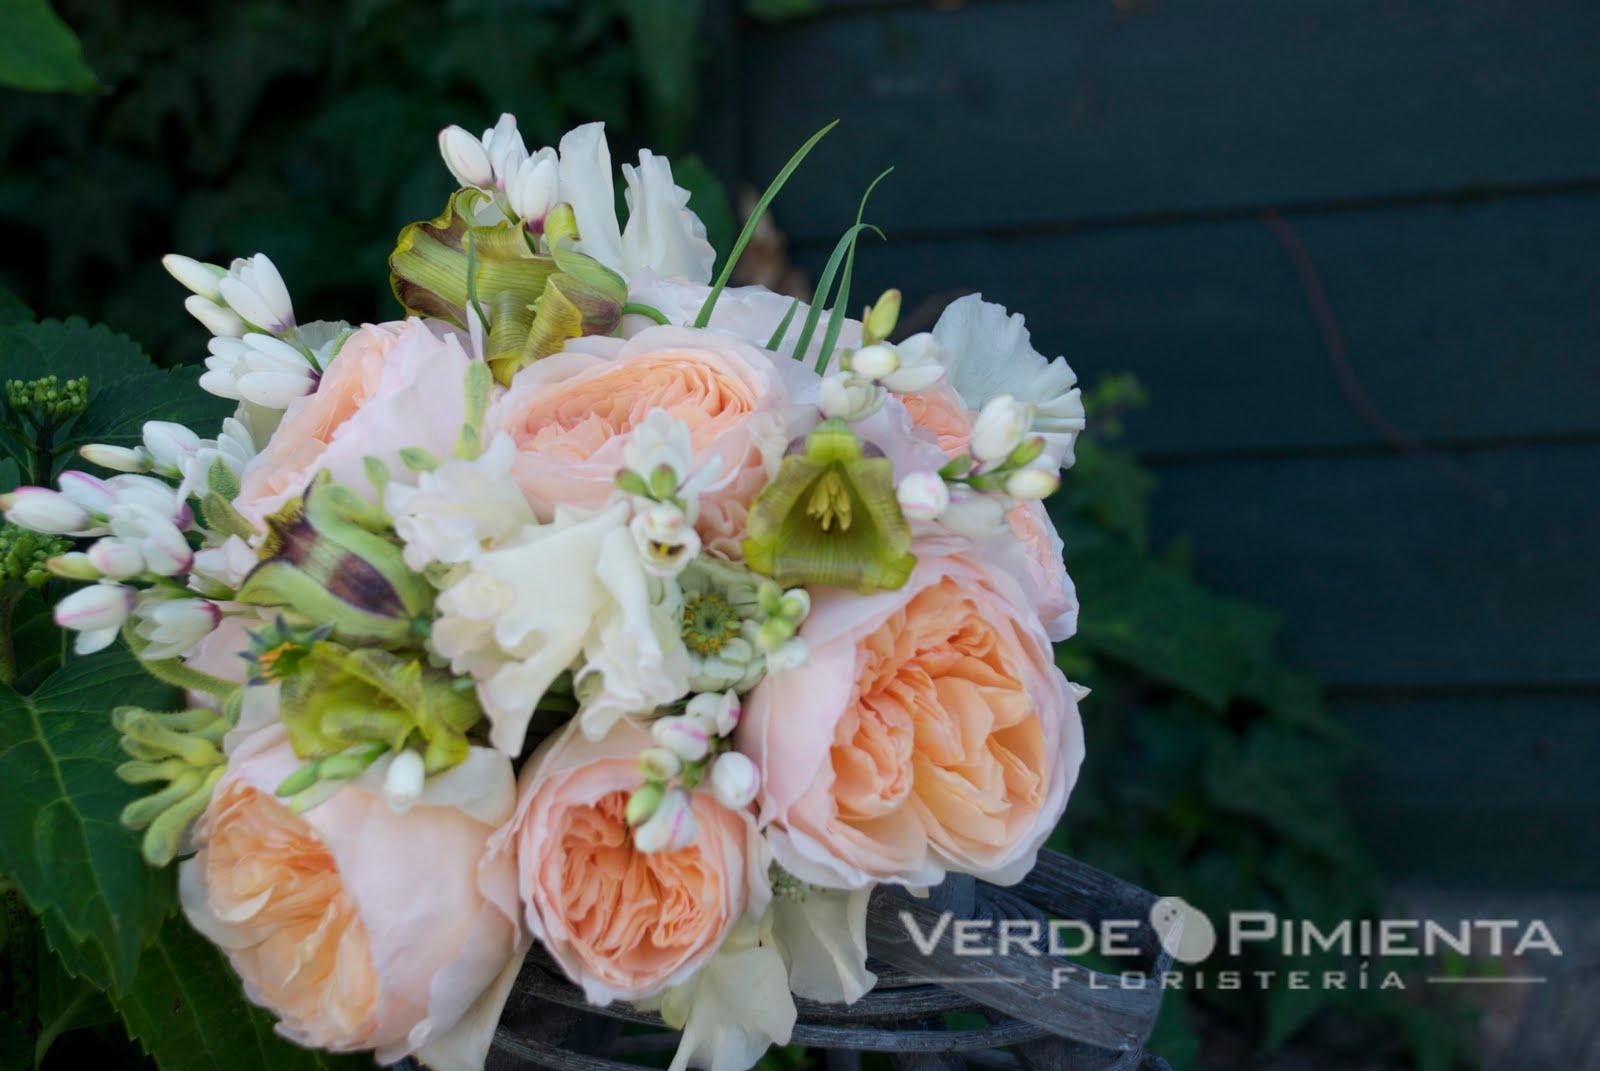 Ramo De Rosas Imagenes - Imágenes de amor con con un ramo de rosas Imagenes de